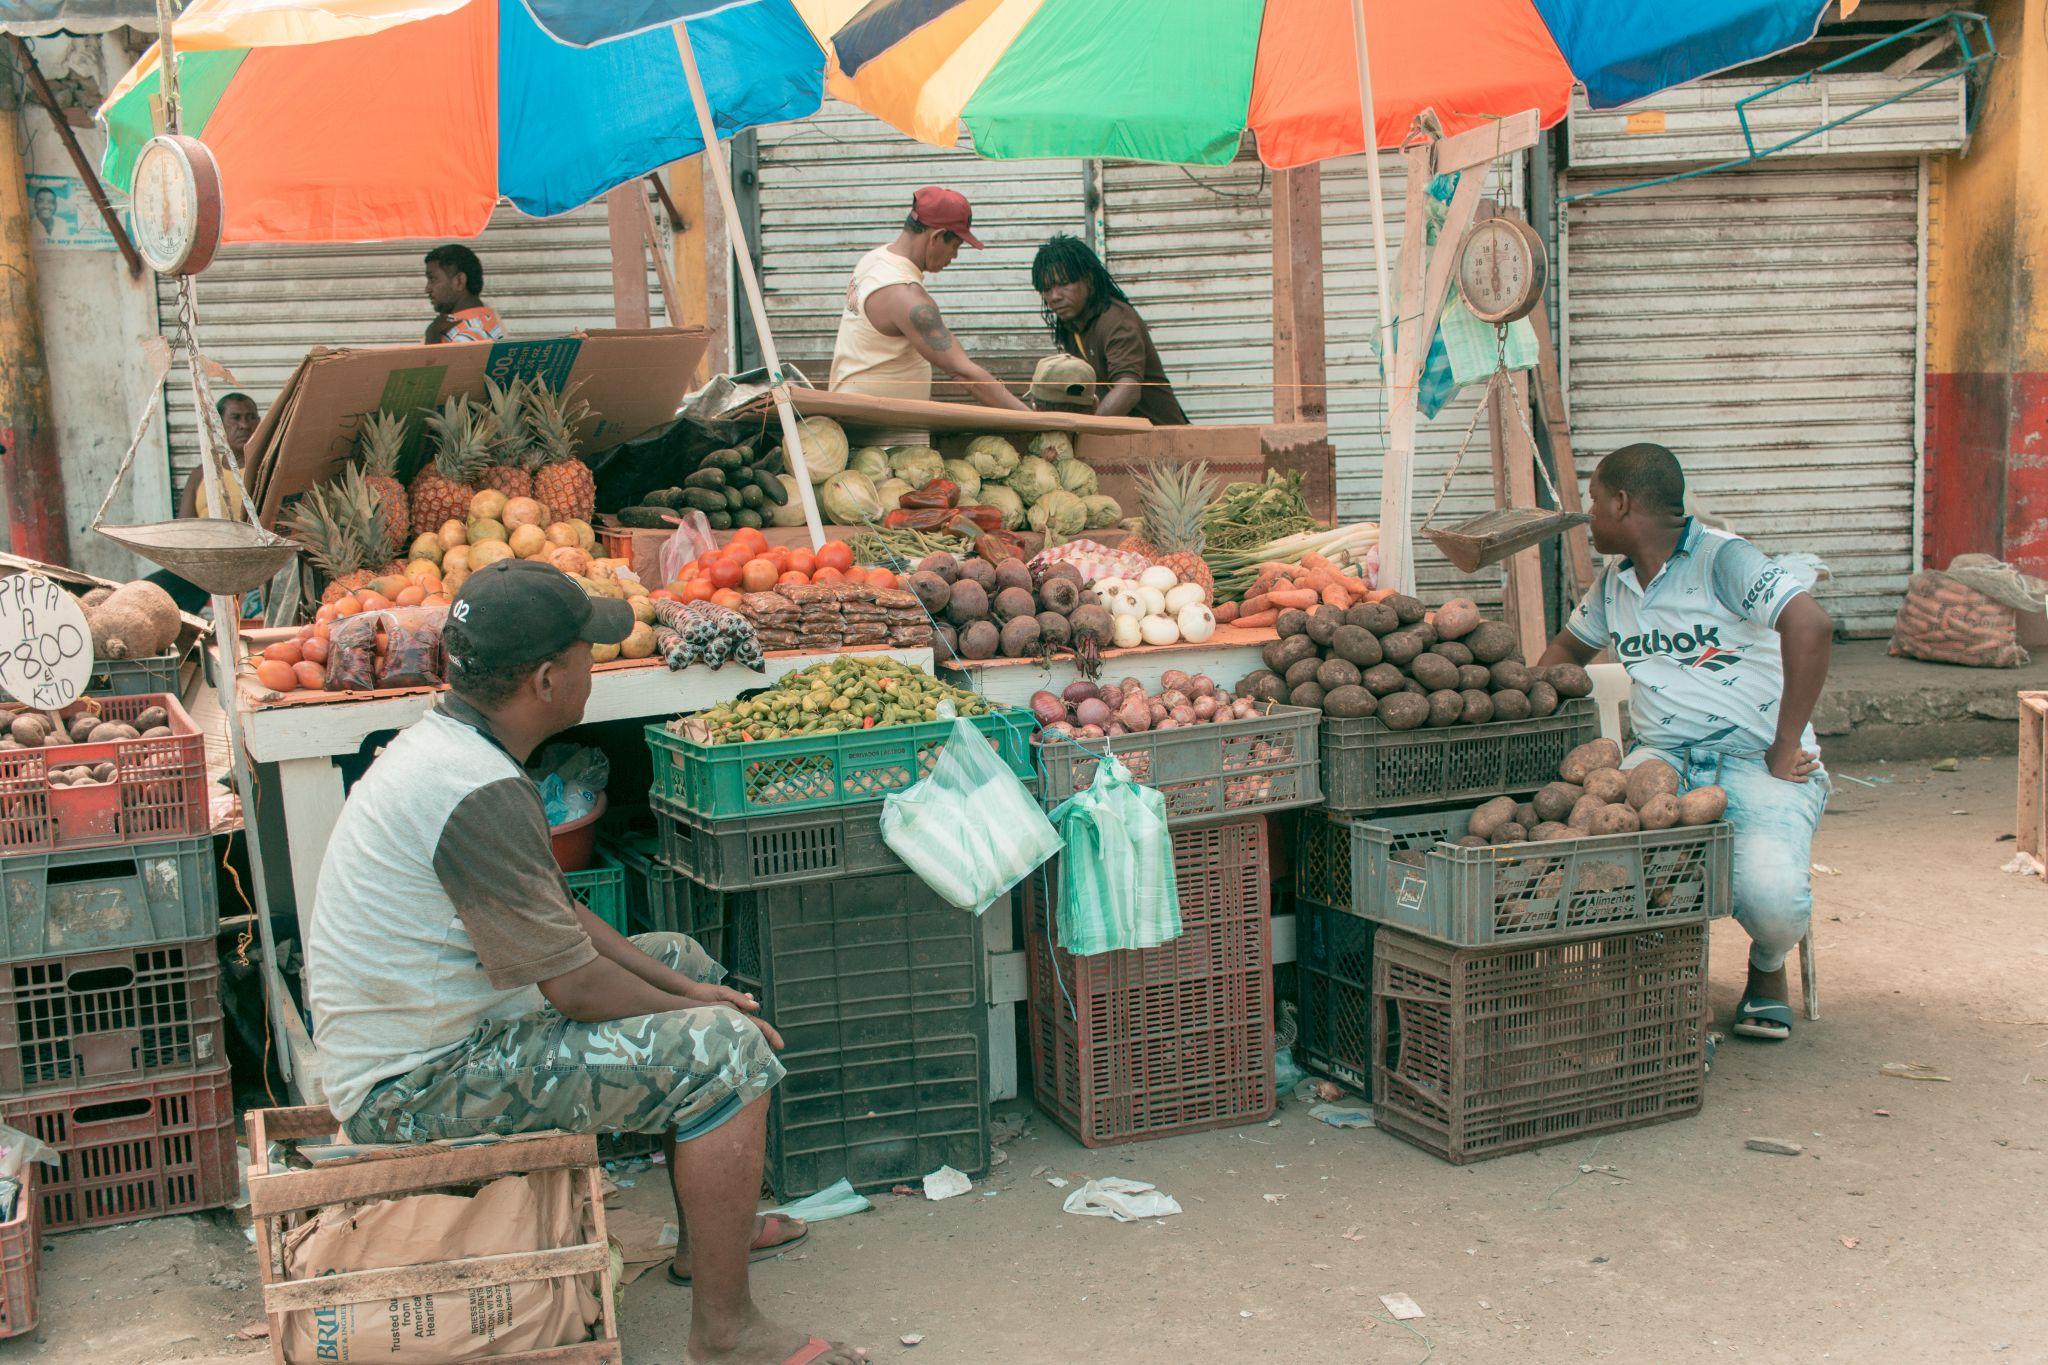 Cartagena Travel Guide Mercado Bazurto fruit stall